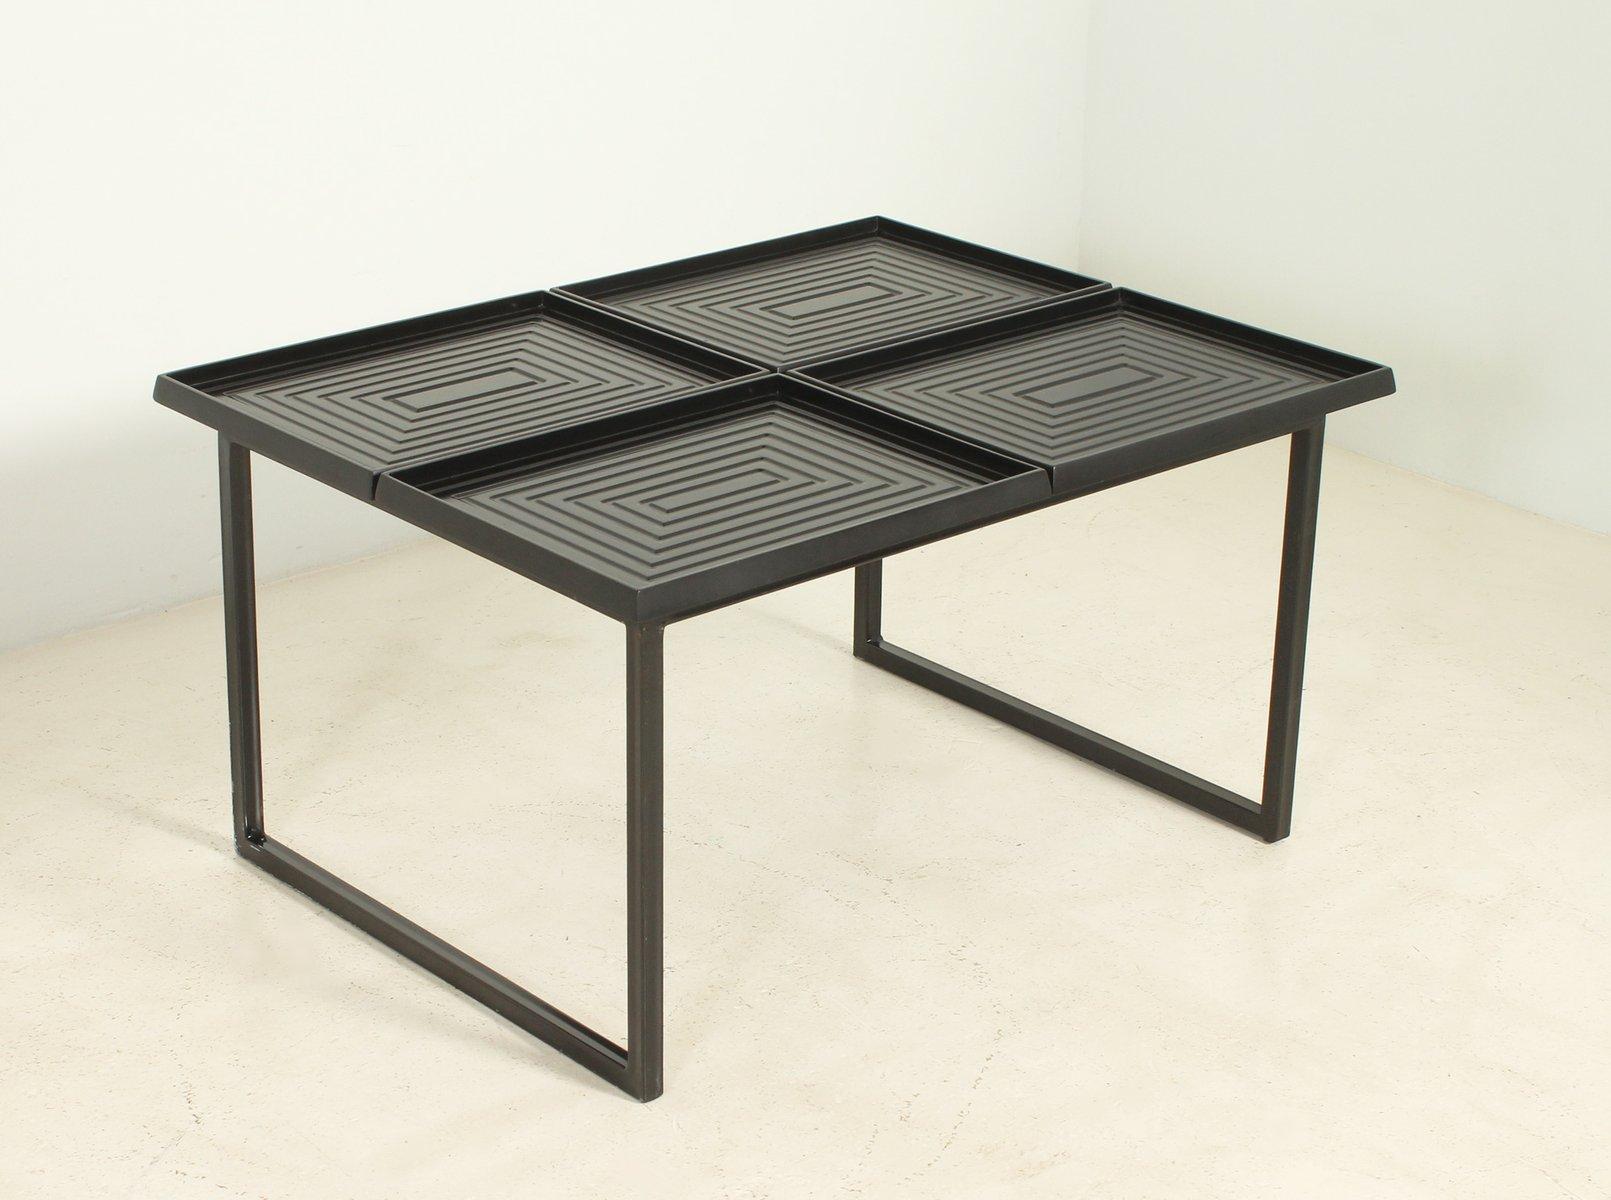 table basse g om trique avec plateaux amovibles 1980s en vente sur pamono. Black Bedroom Furniture Sets. Home Design Ideas